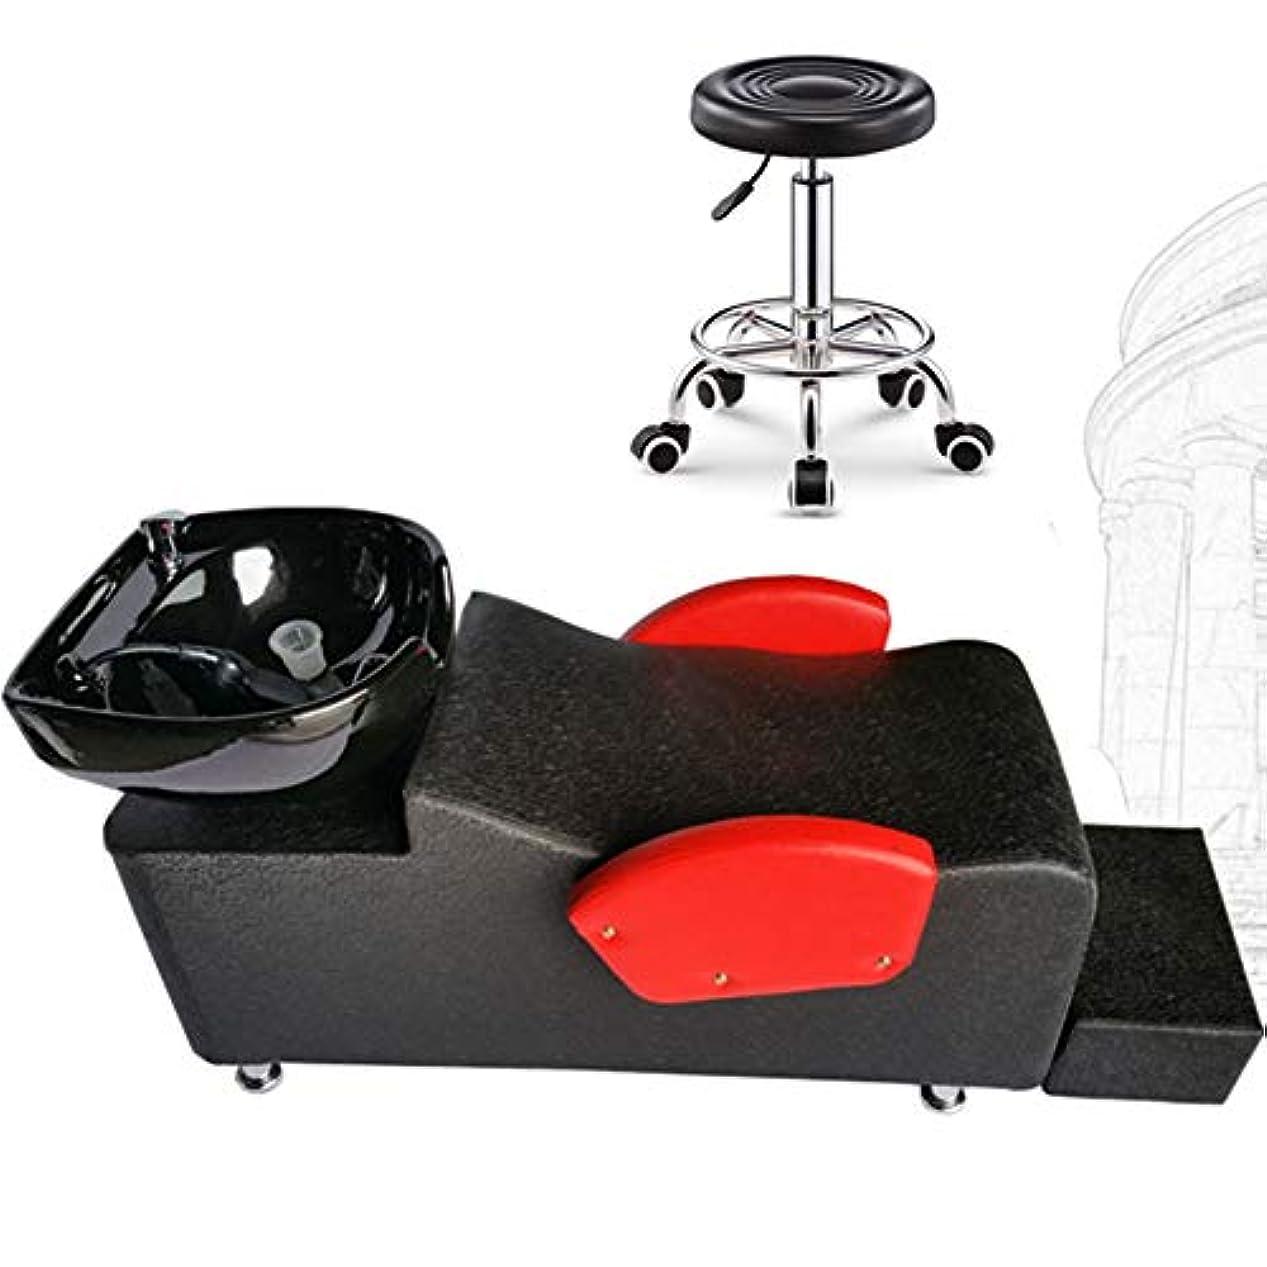 南東単調な出費サロン用シャンプー椅子とボウル、スパ美容室機器パンチングウォーターベッドチェア用の逆洗ユニット理髪シンクチェア